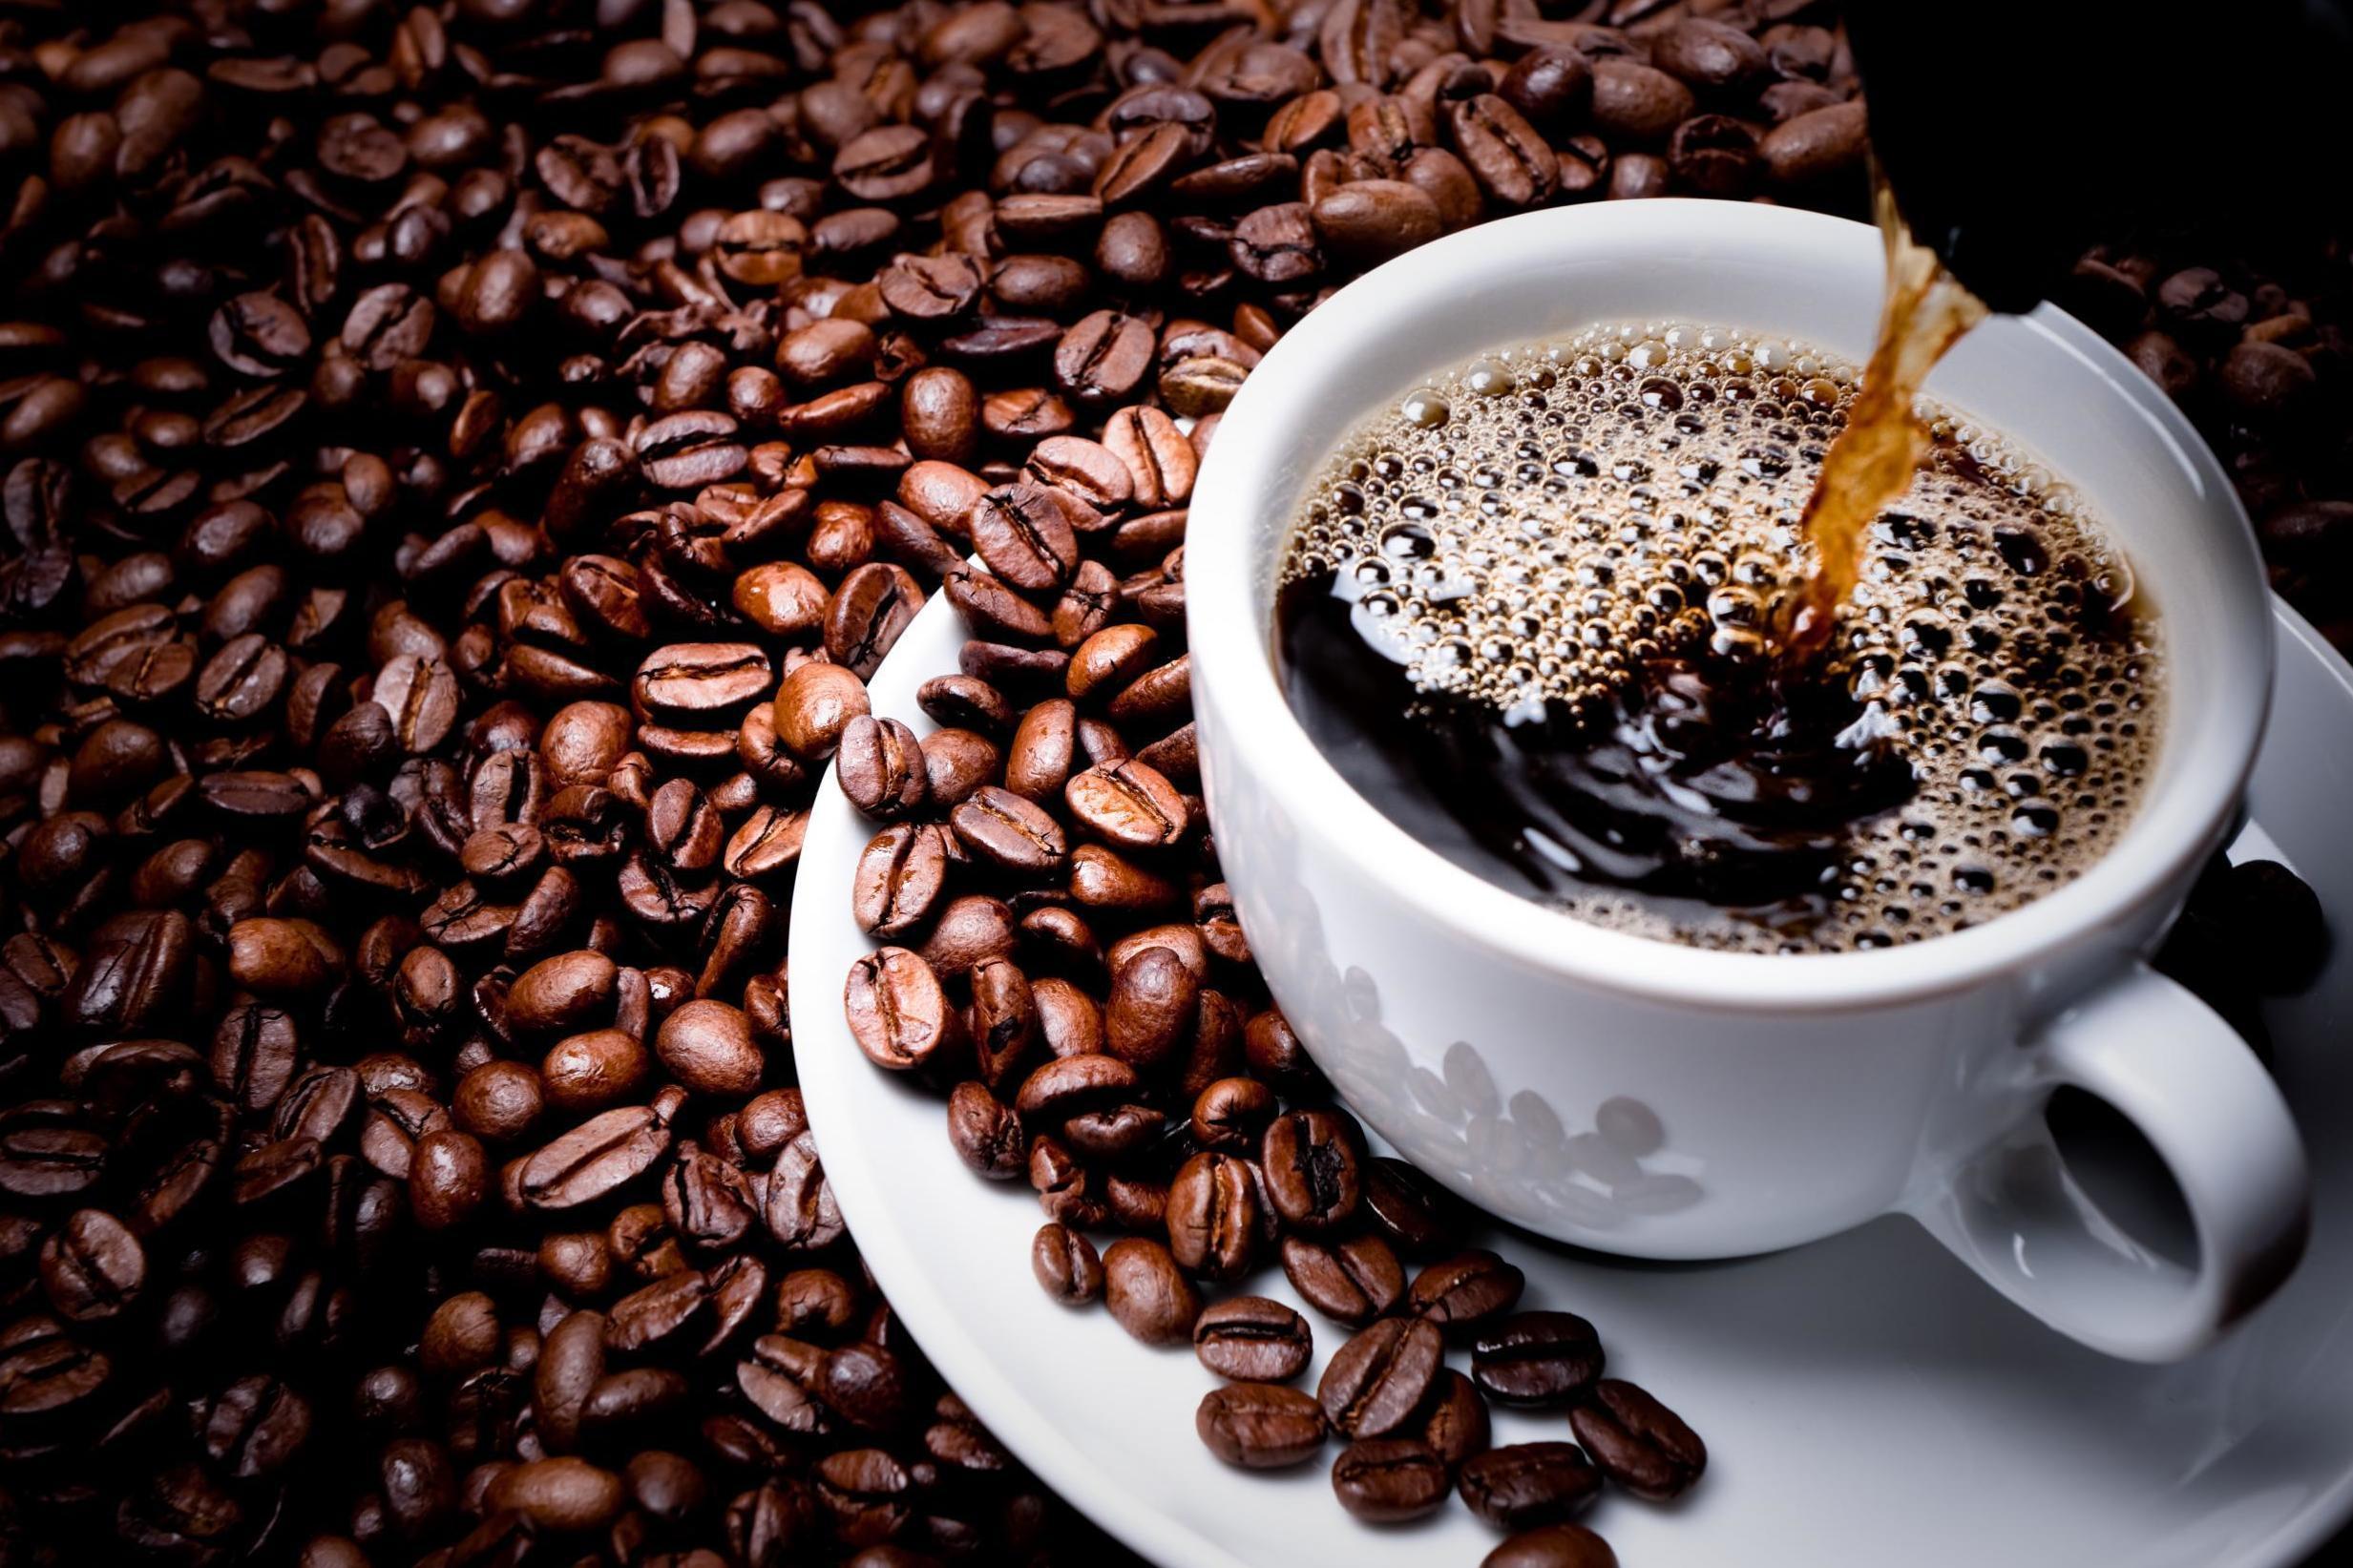 Cadena de suministro del café colombiano de la marca 1850 Coffee será rastreada utilizando la tecnología blockchain de IBM